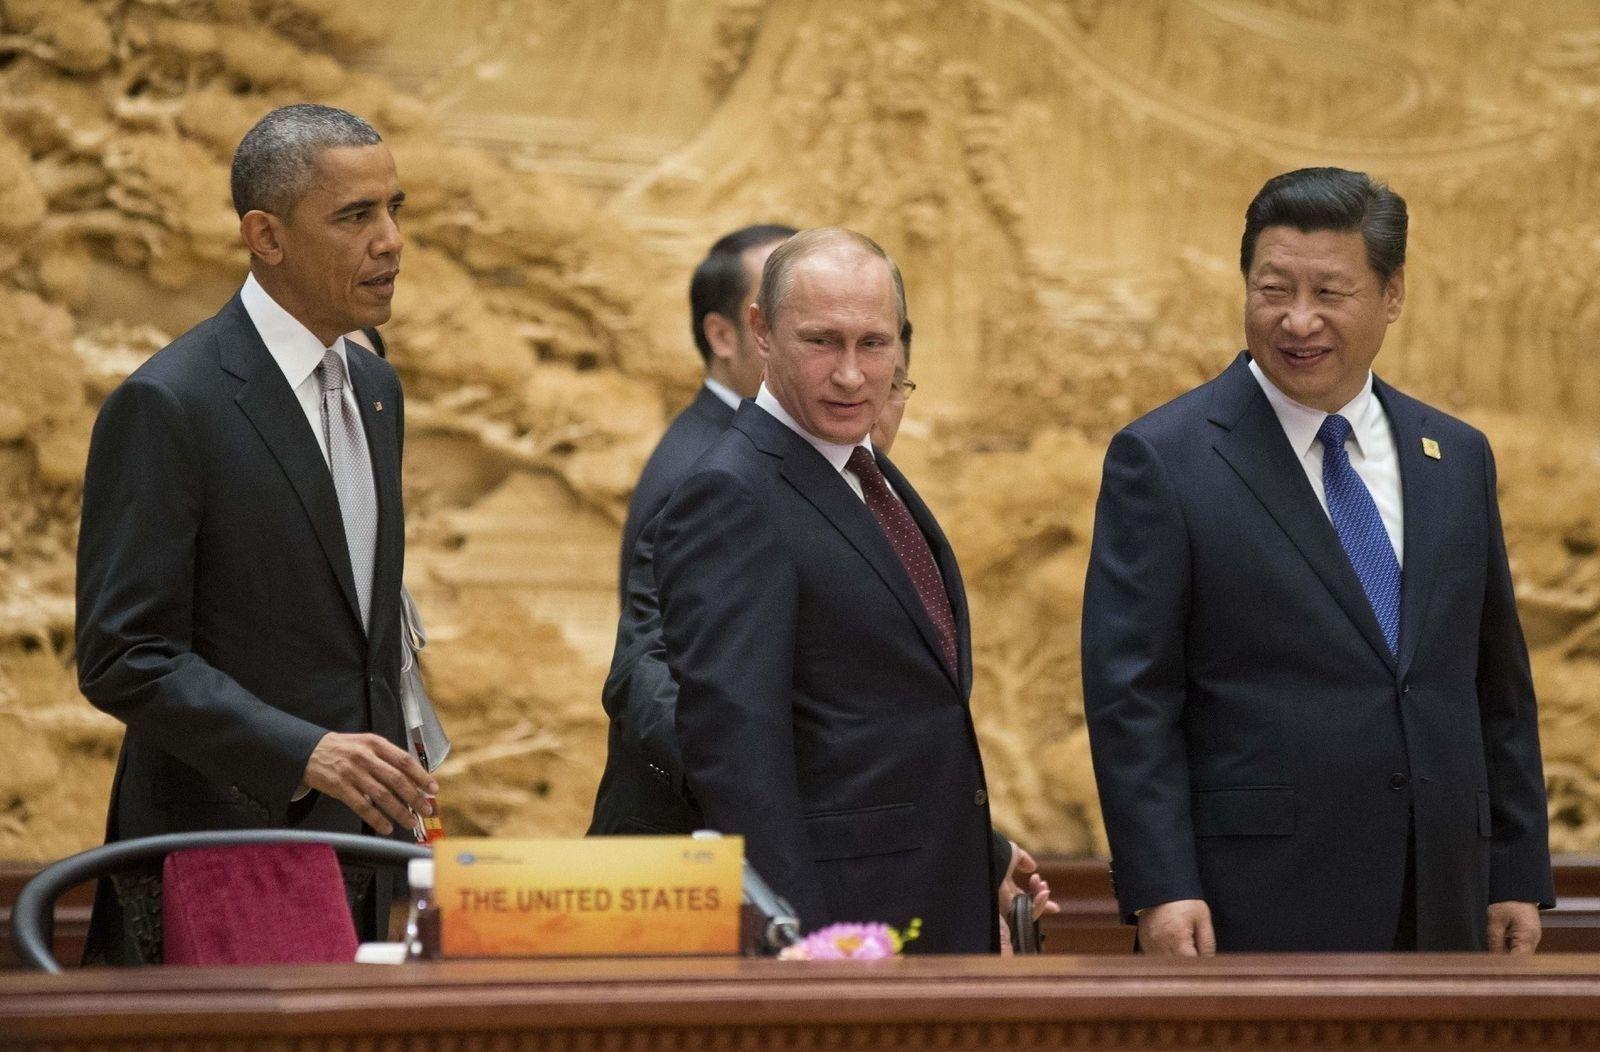 Америкийн гол дайсан Хойд Солонгос биш, Орос, дараа нь Хятад гэлээ